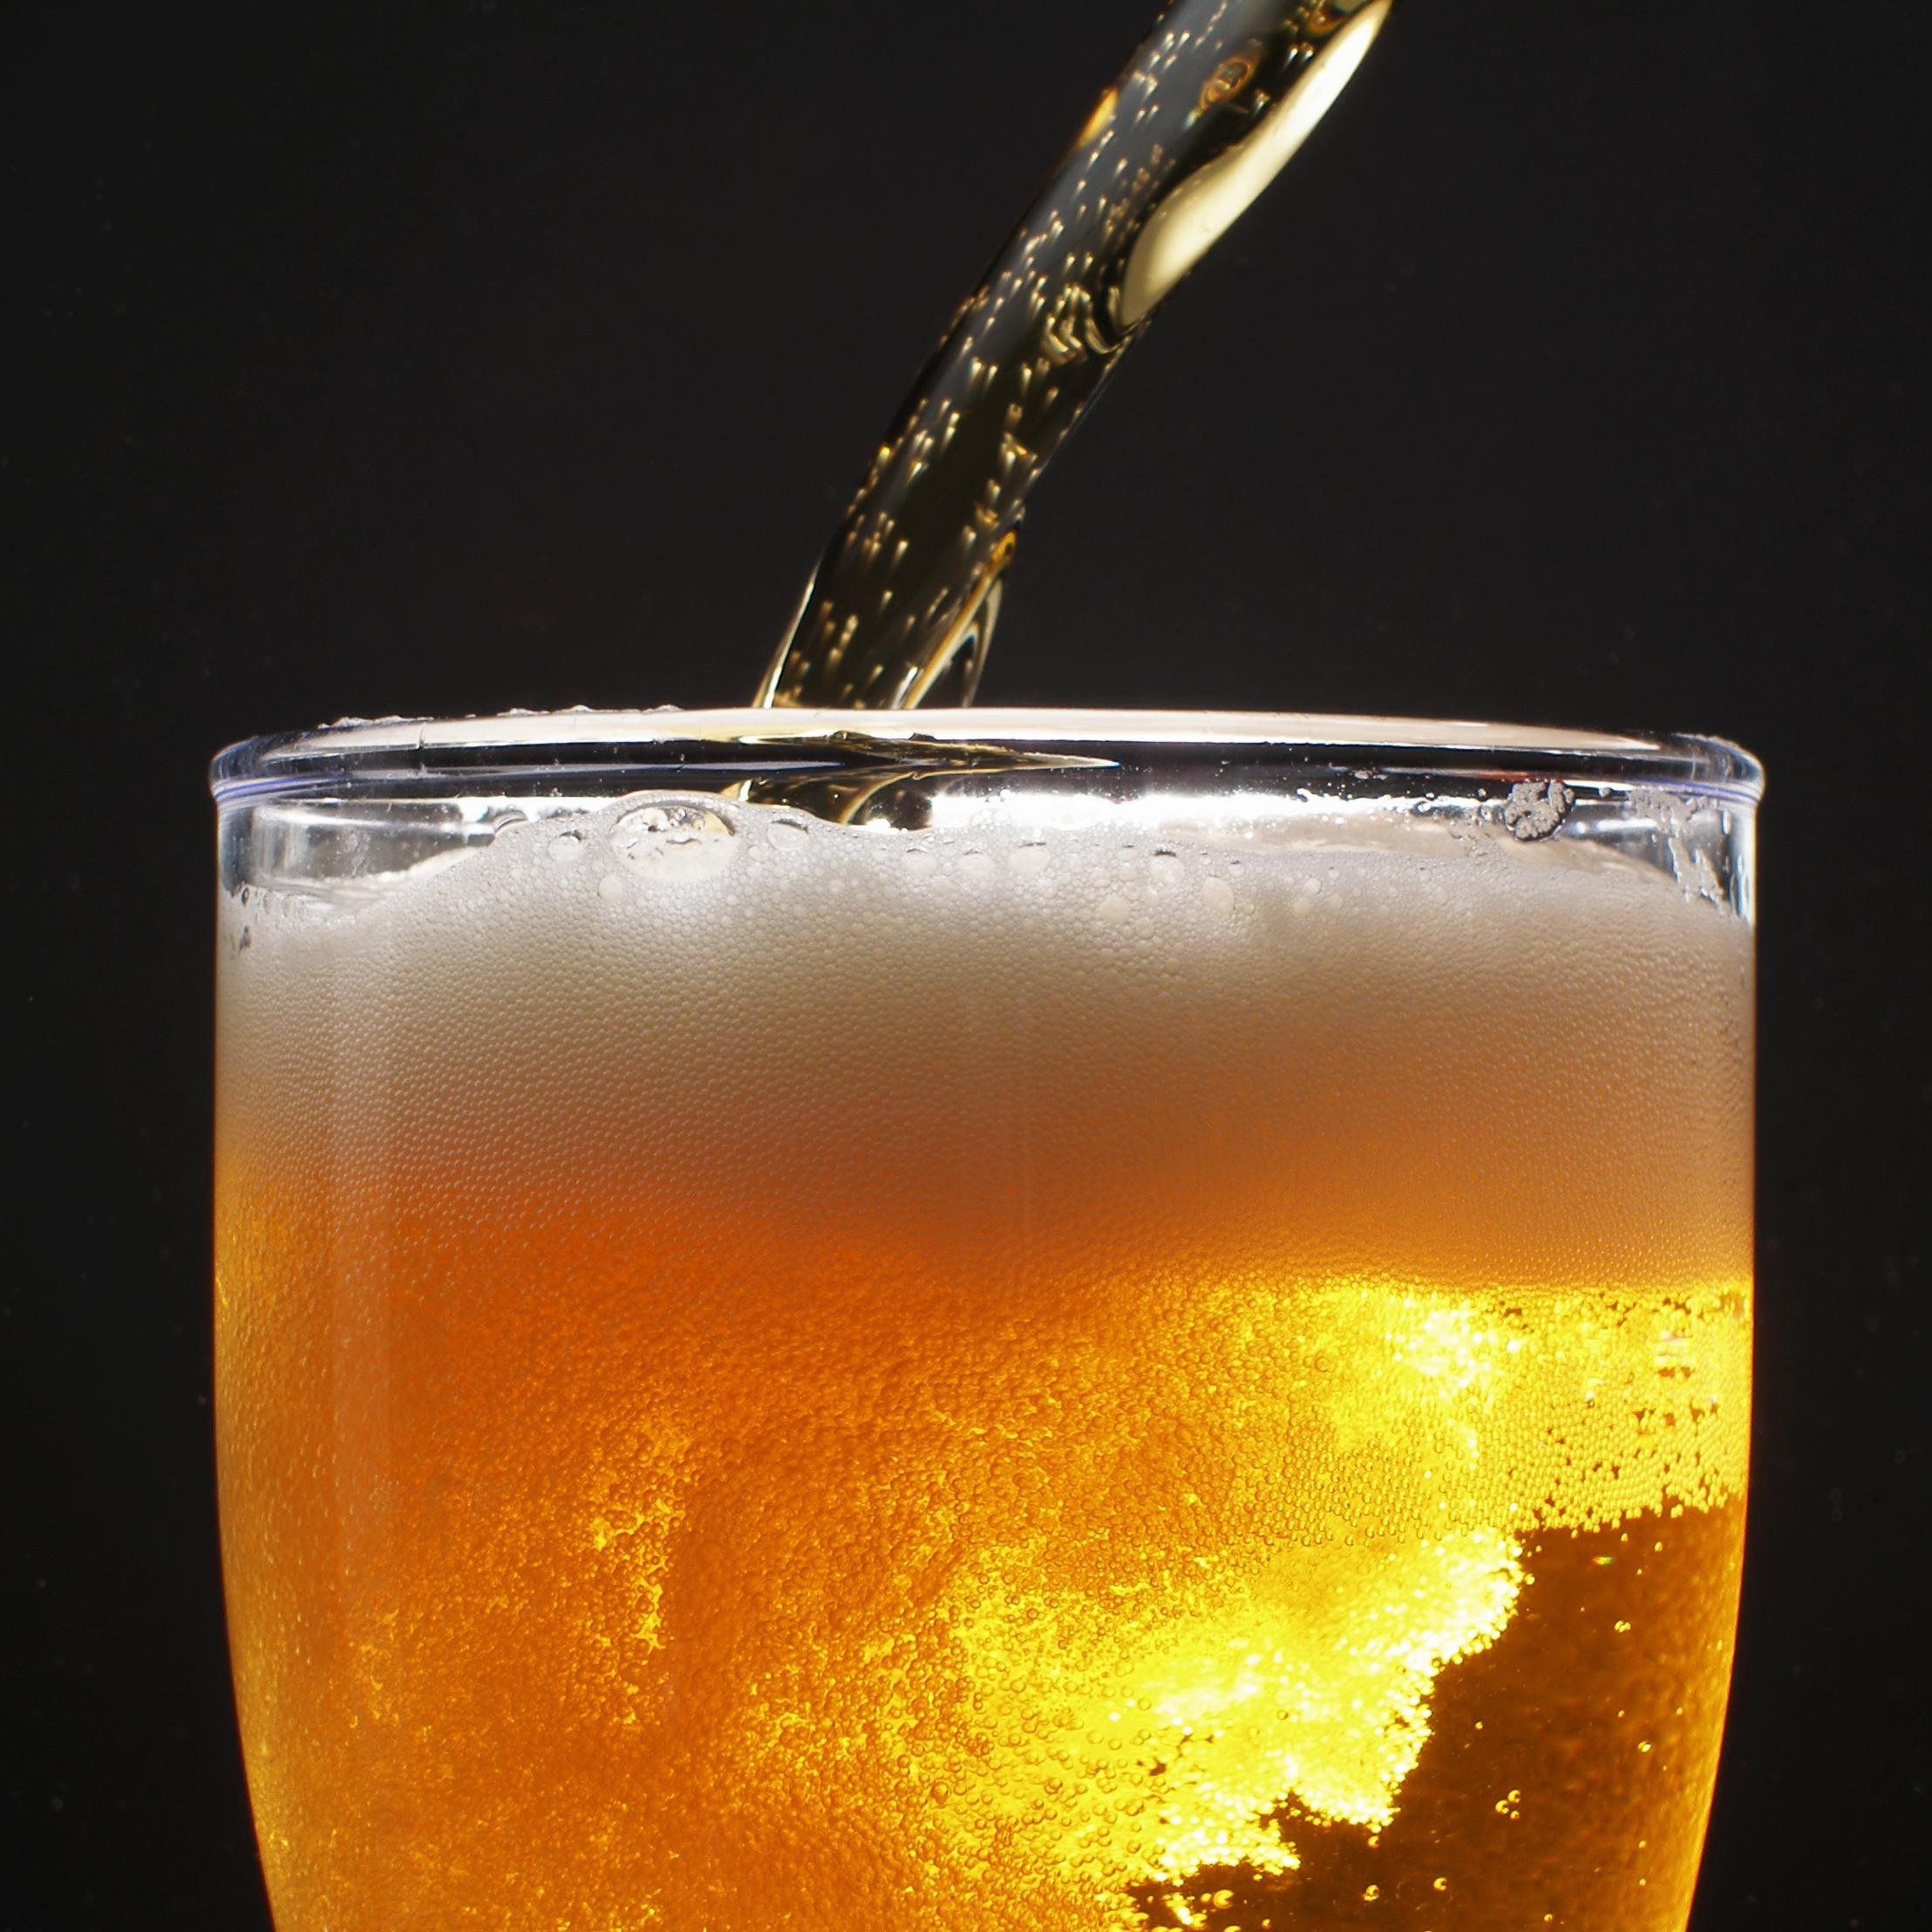 24 taps including cider!